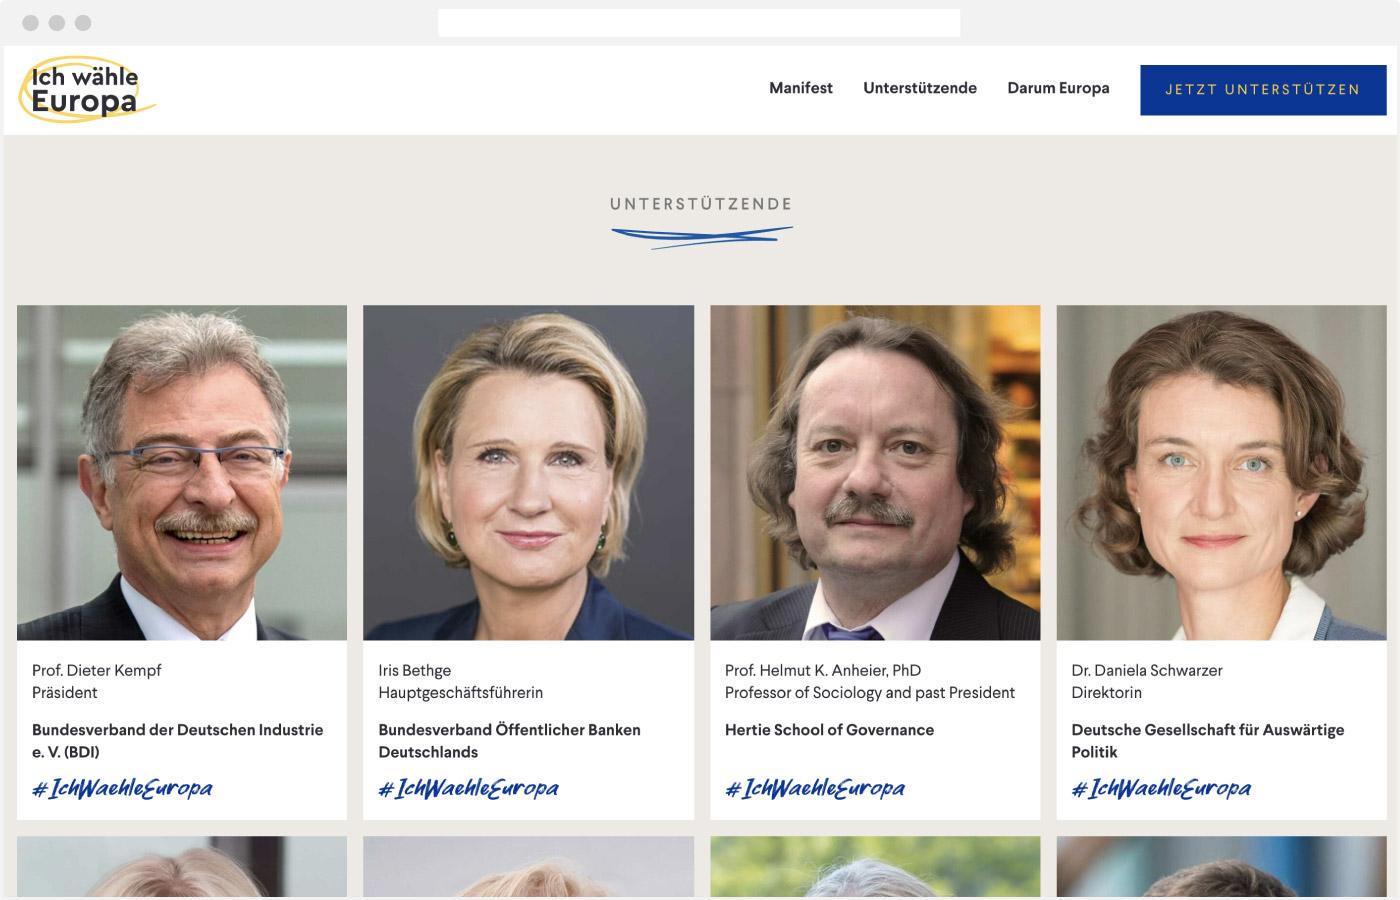 Website Ich wähle Europa – Unterstützende Überblick